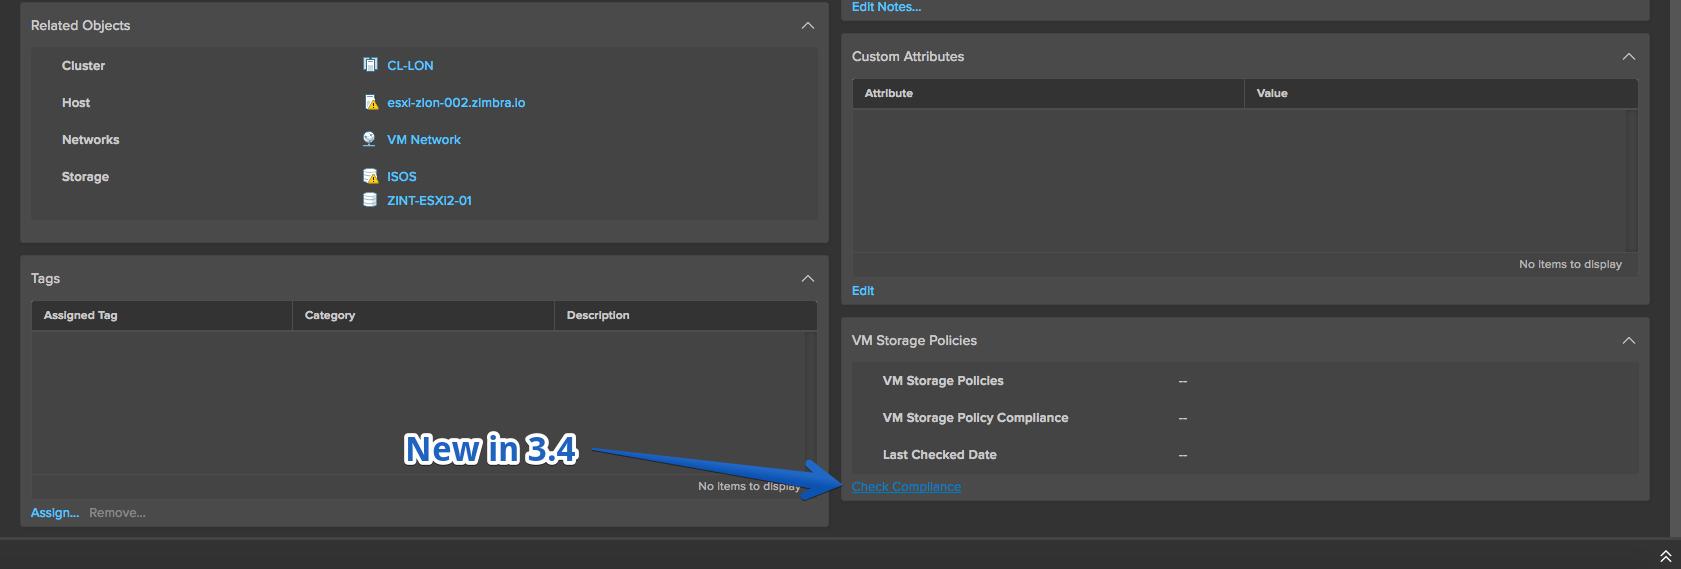 VMware: vSphere HTML5 Web Client Fling - Changelog v3 10 and below